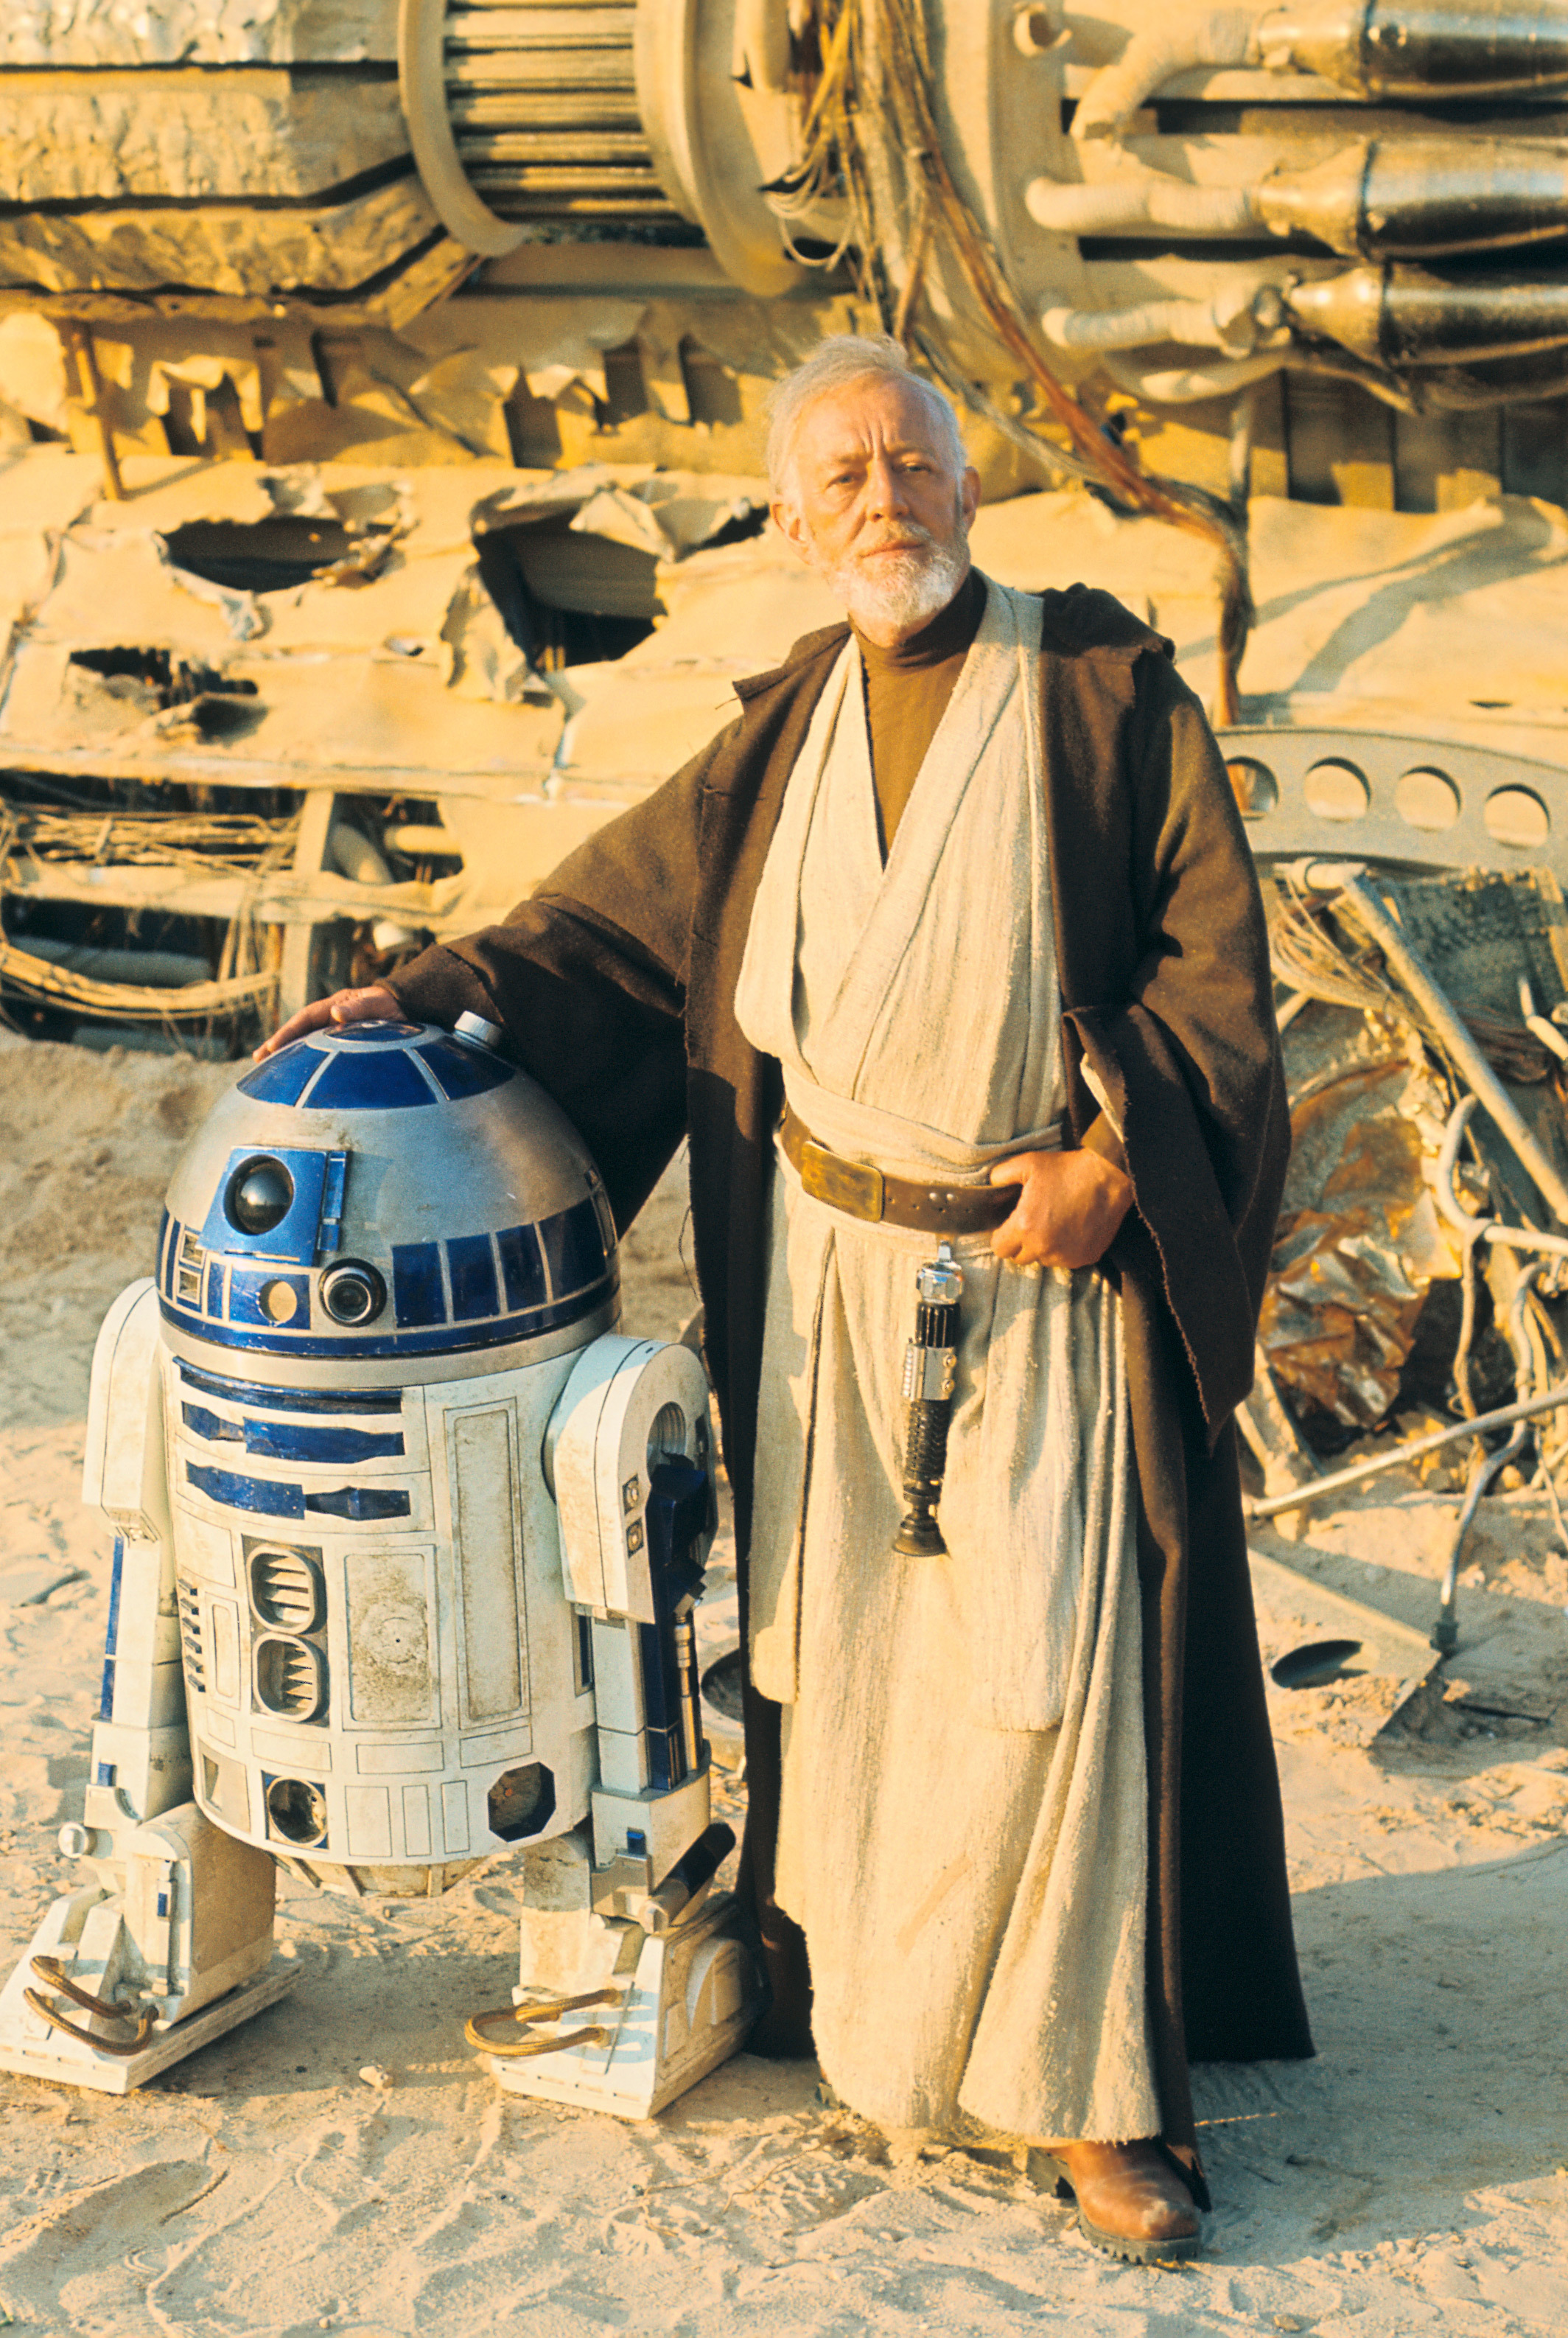 Obi Wan Kenobi and R2D2